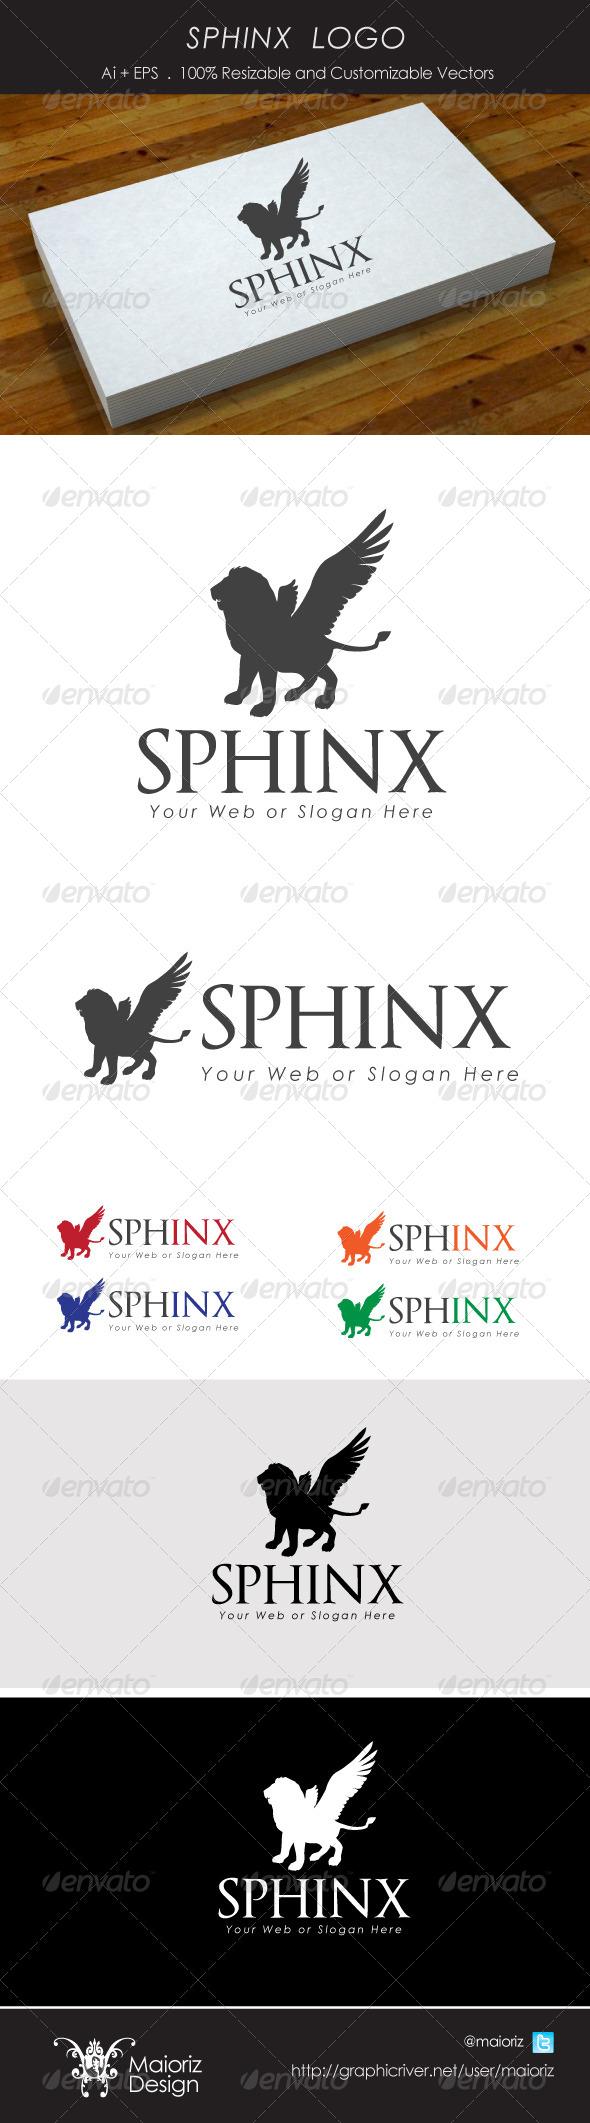 Sphinx Logotype - Animals Logo Templates